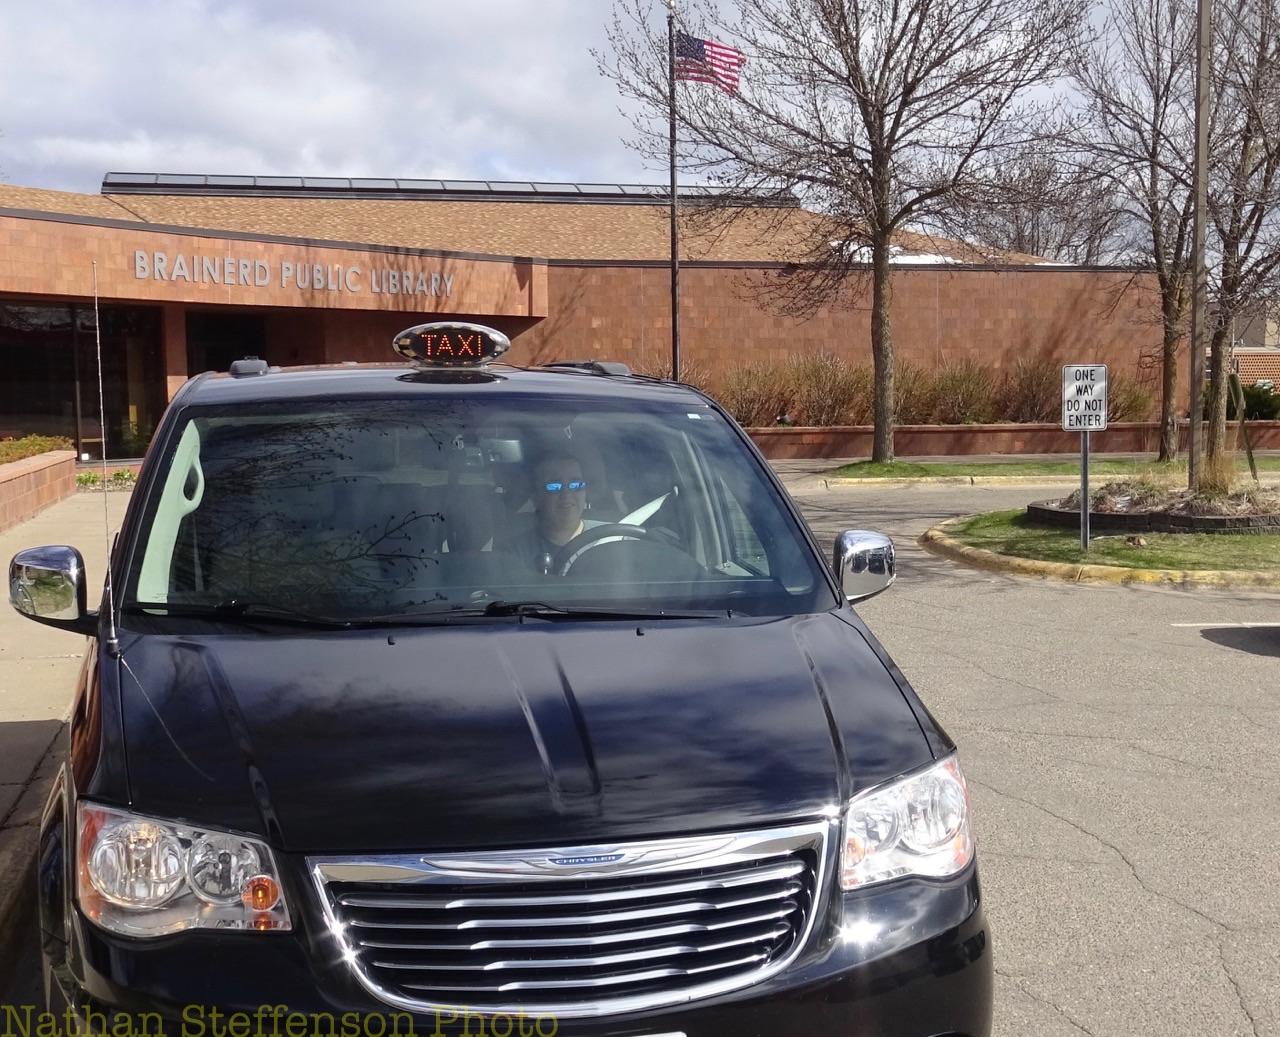 black grab-a-cab Taxi (front)